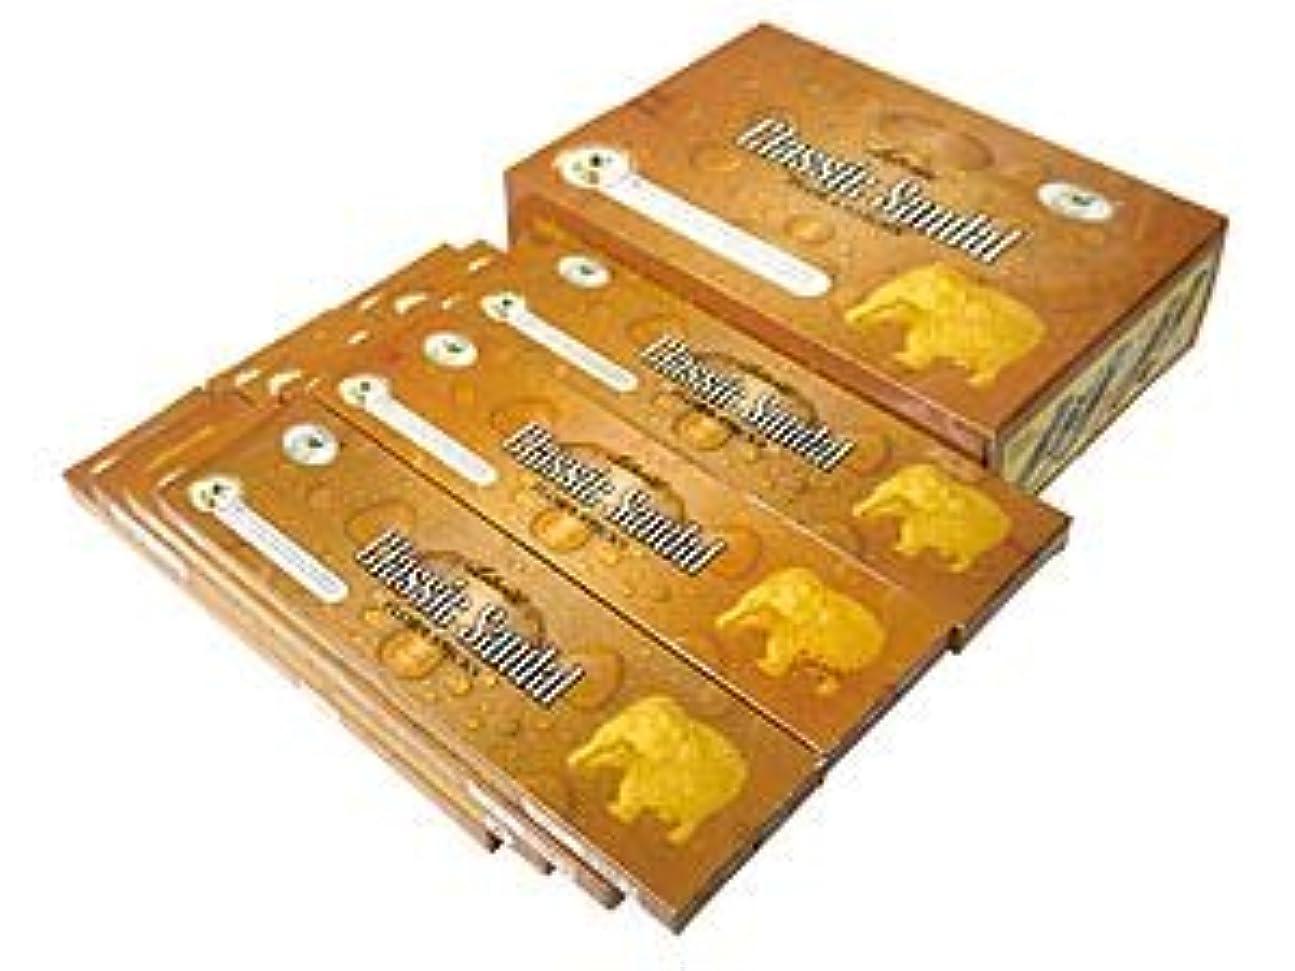 ファン原始的な近傍LIBERTY'S(リバティーズ) クラシックサンダル香 スティック CLASSICSANDAL 12箱セット